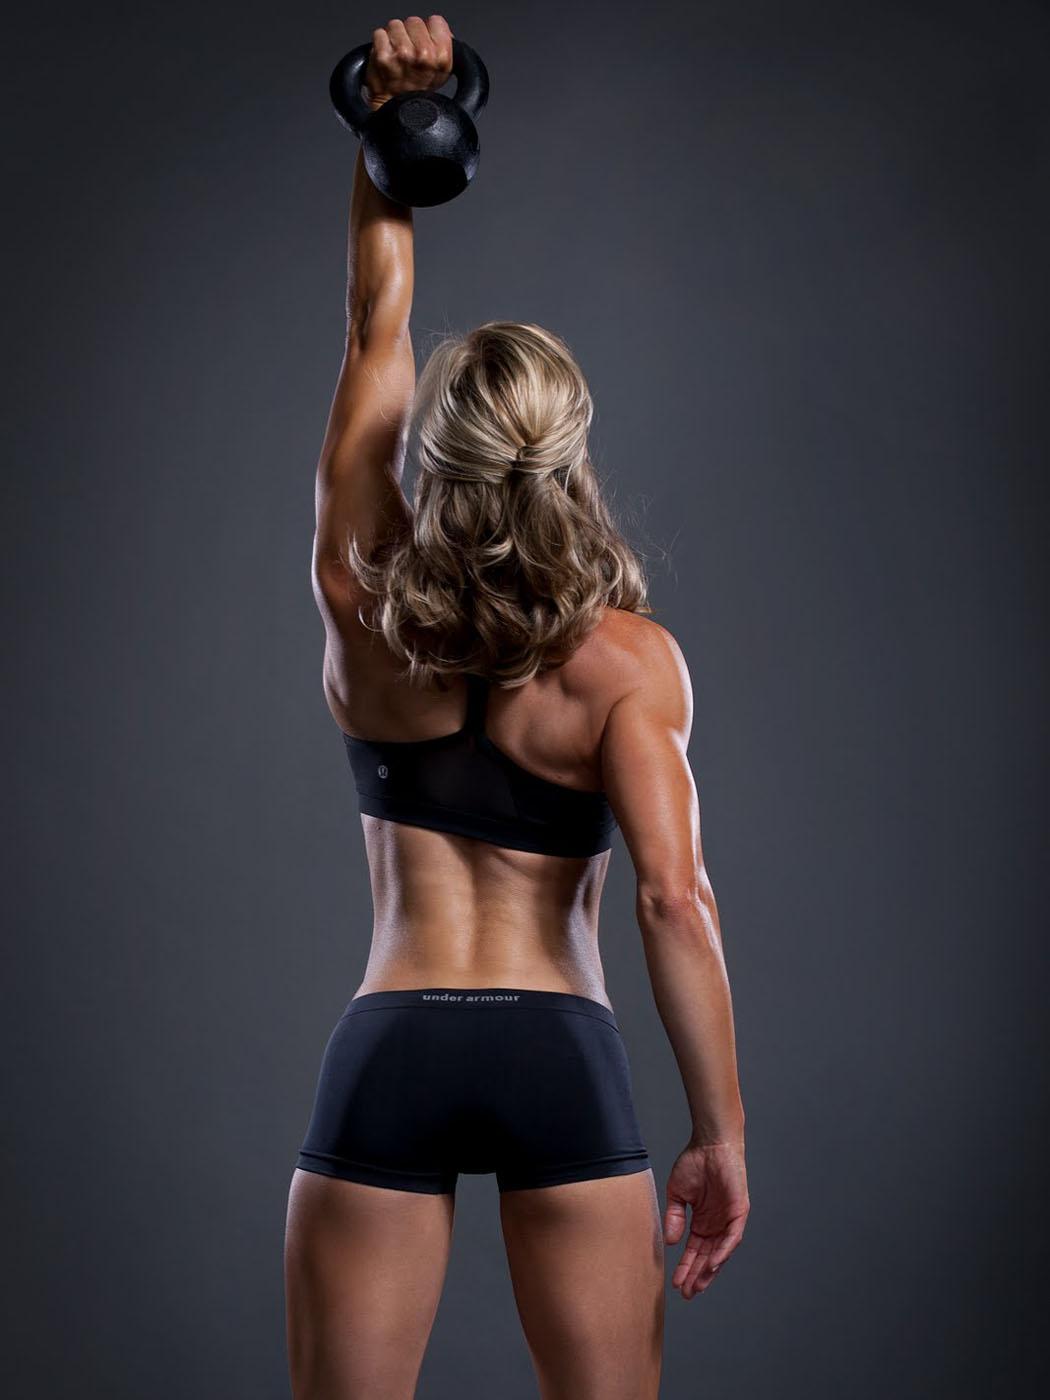 встал прикрывшись фитнес девушки фото сзади моя